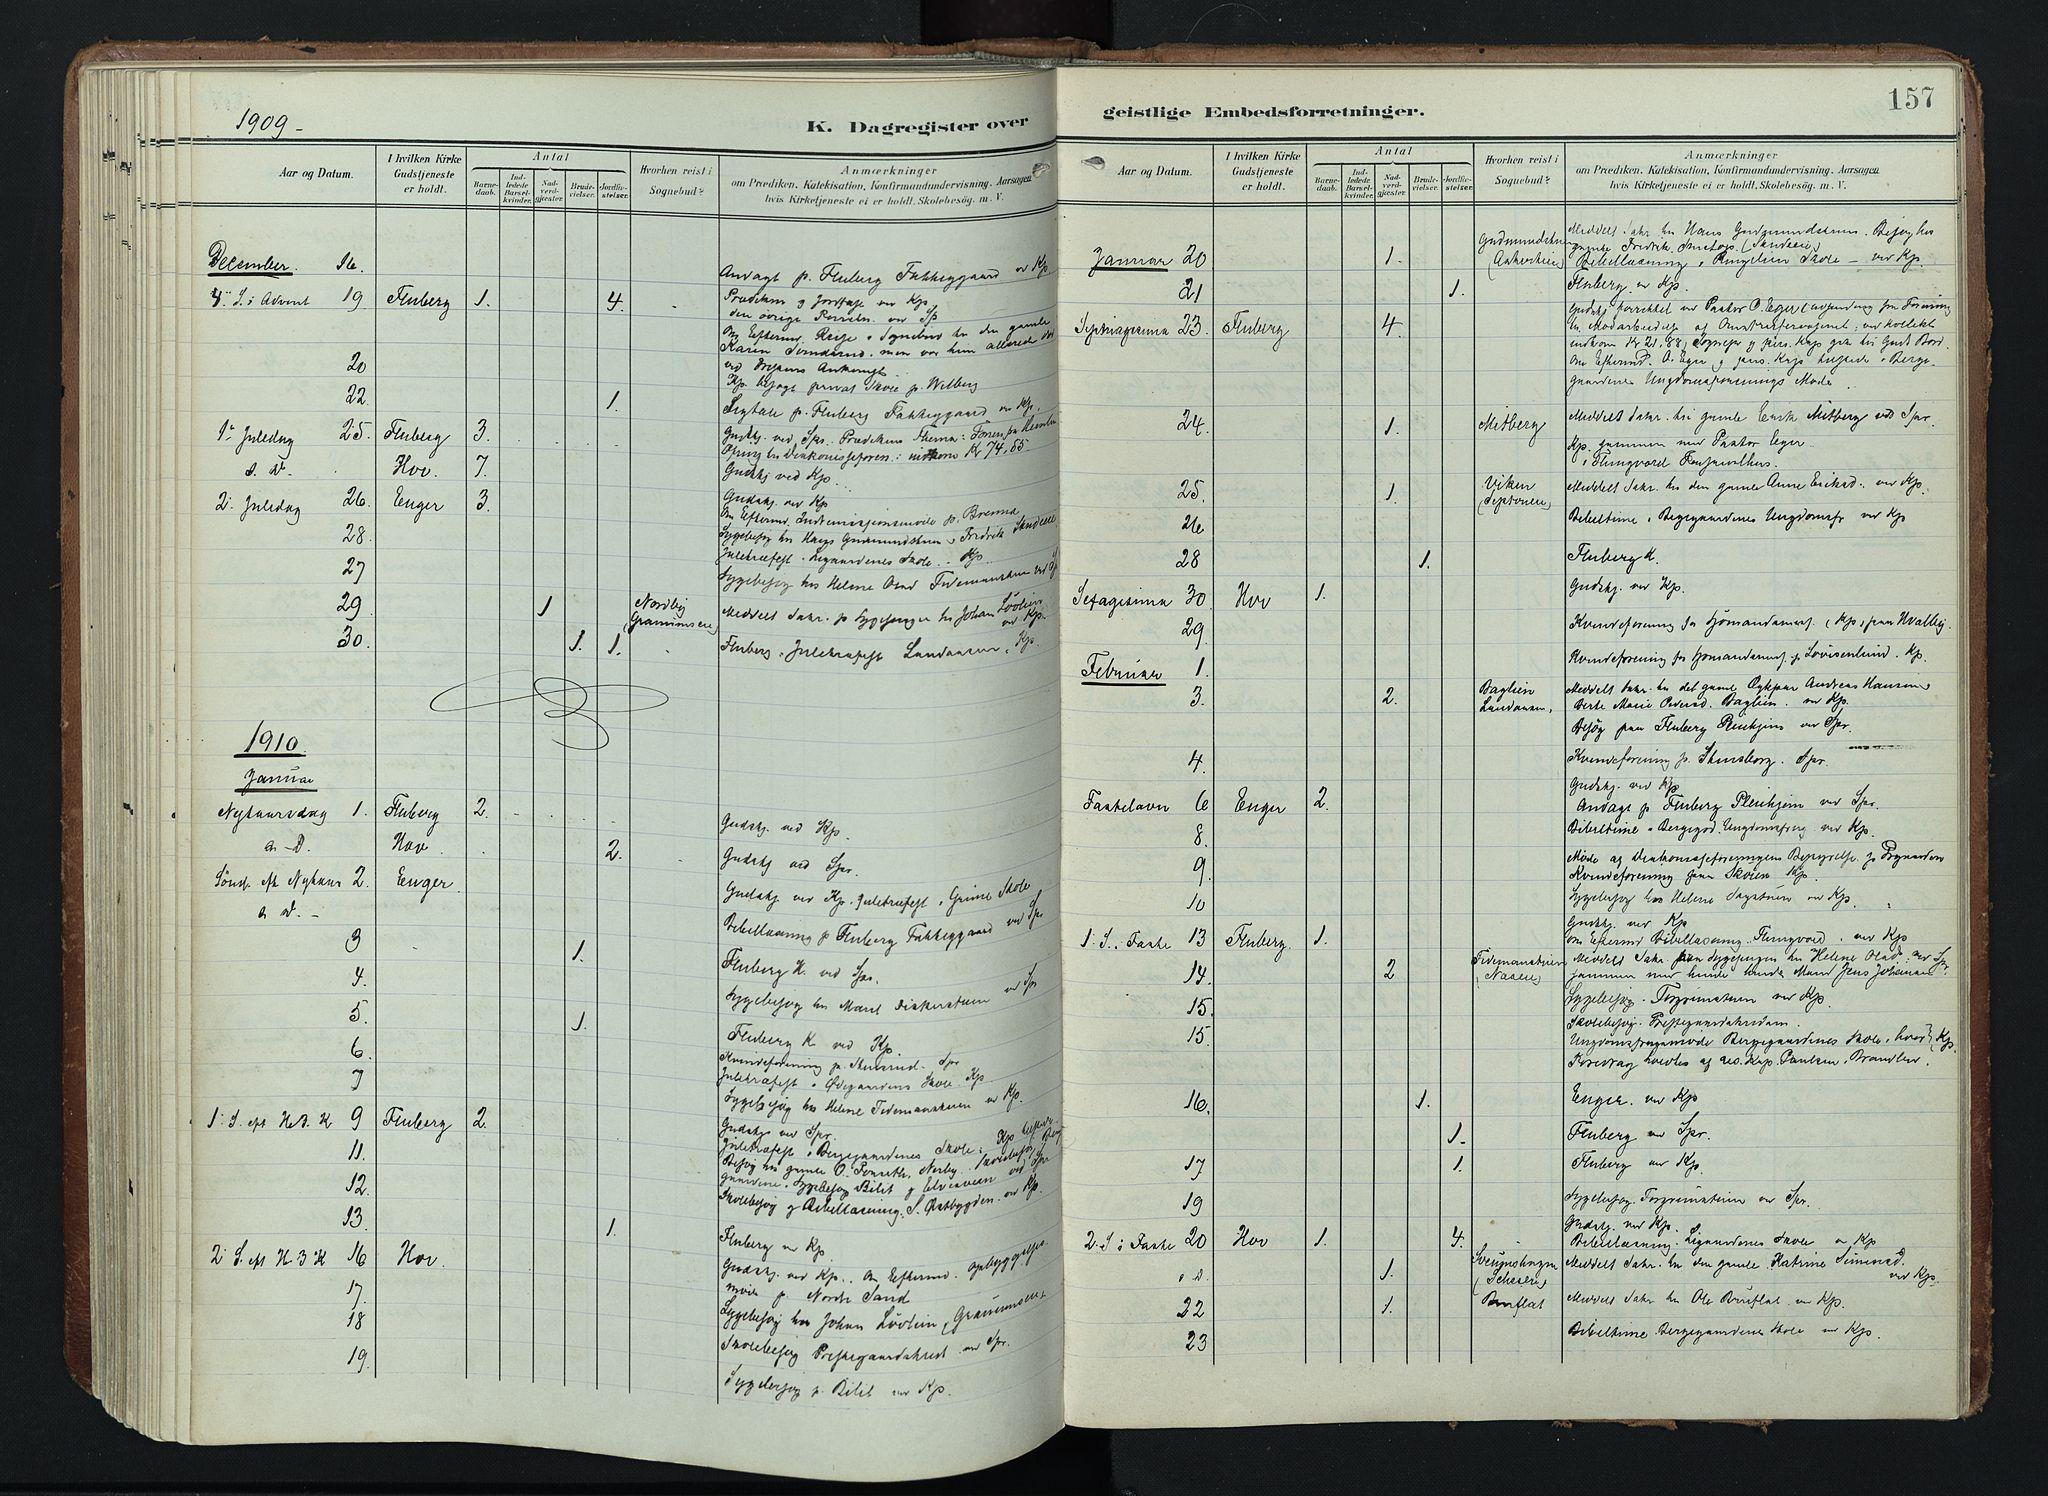 SAH, Søndre Land prestekontor, K/L0005: Ministerialbok nr. 5, 1905-1914, s. 157